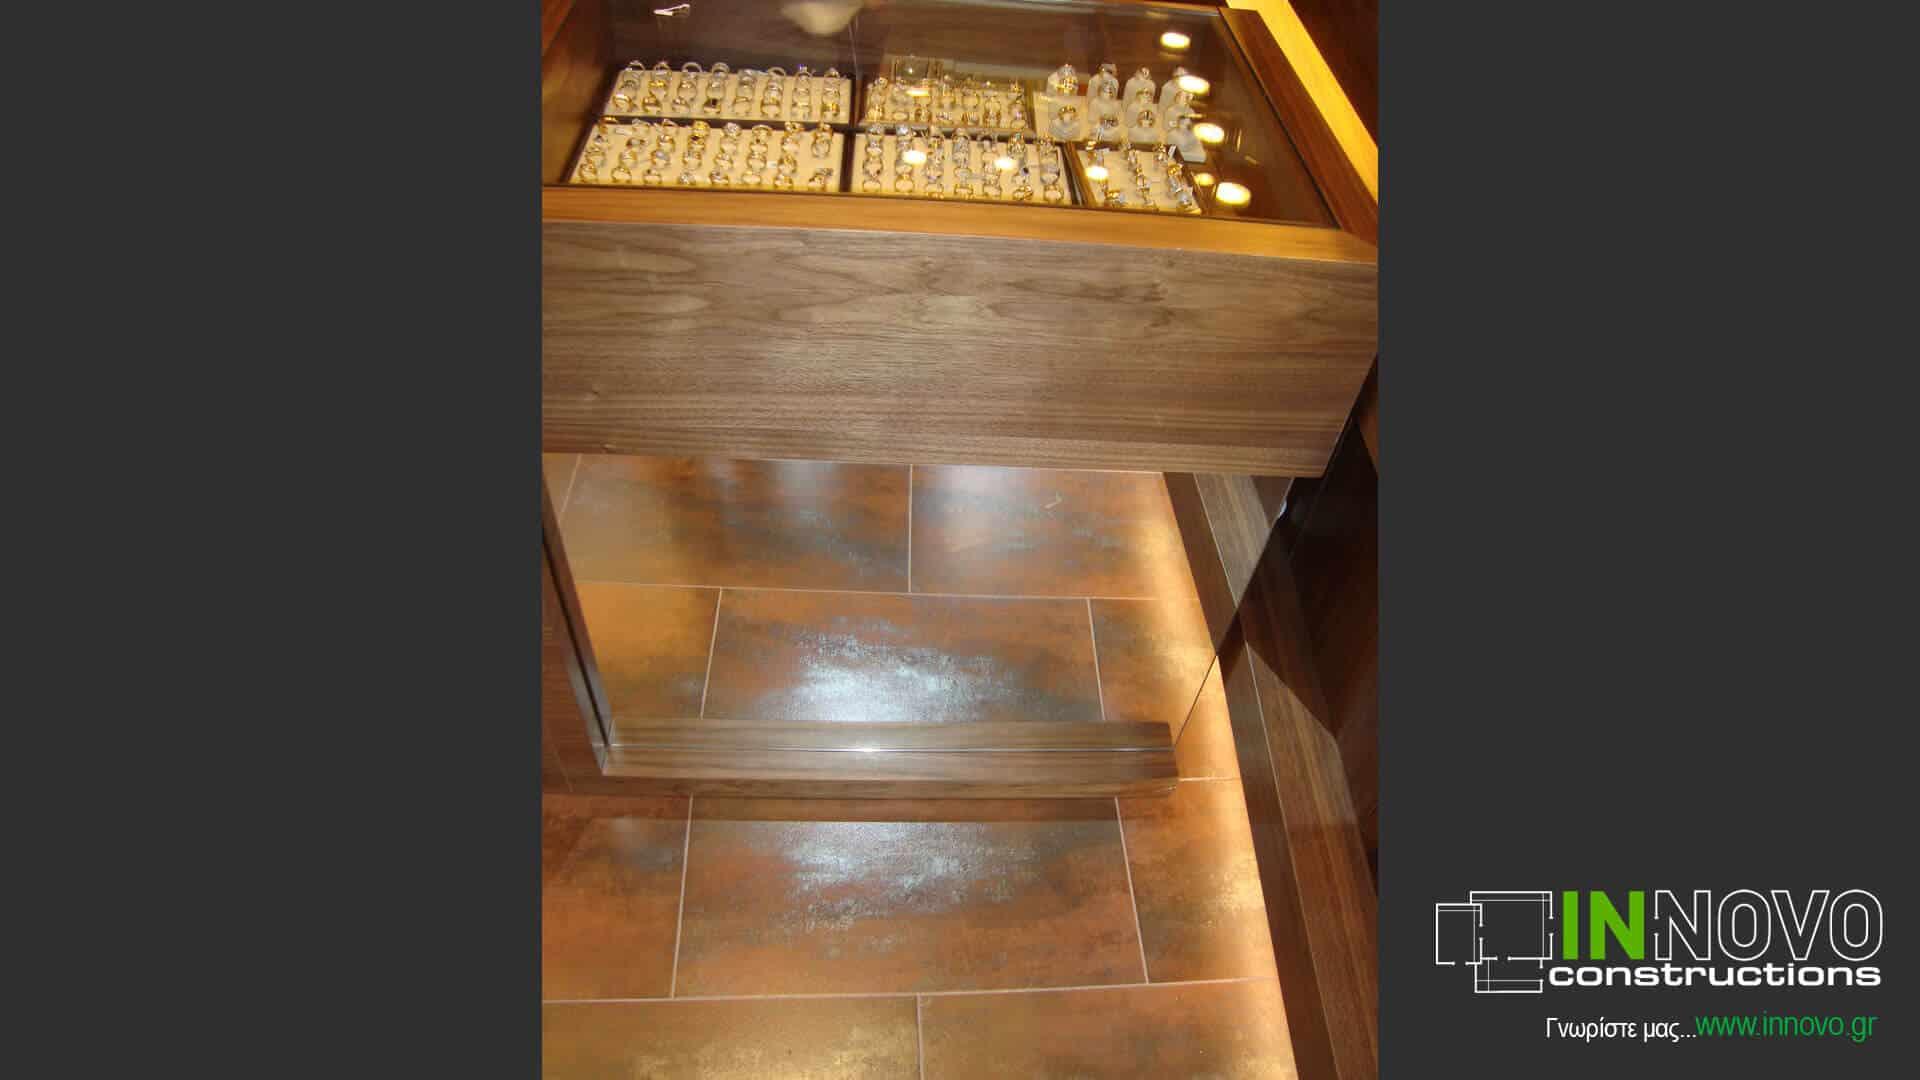 kataskevi-kosmimatopoleiou-jewelry-construction-kosmimatopoleio-pardali-949-6